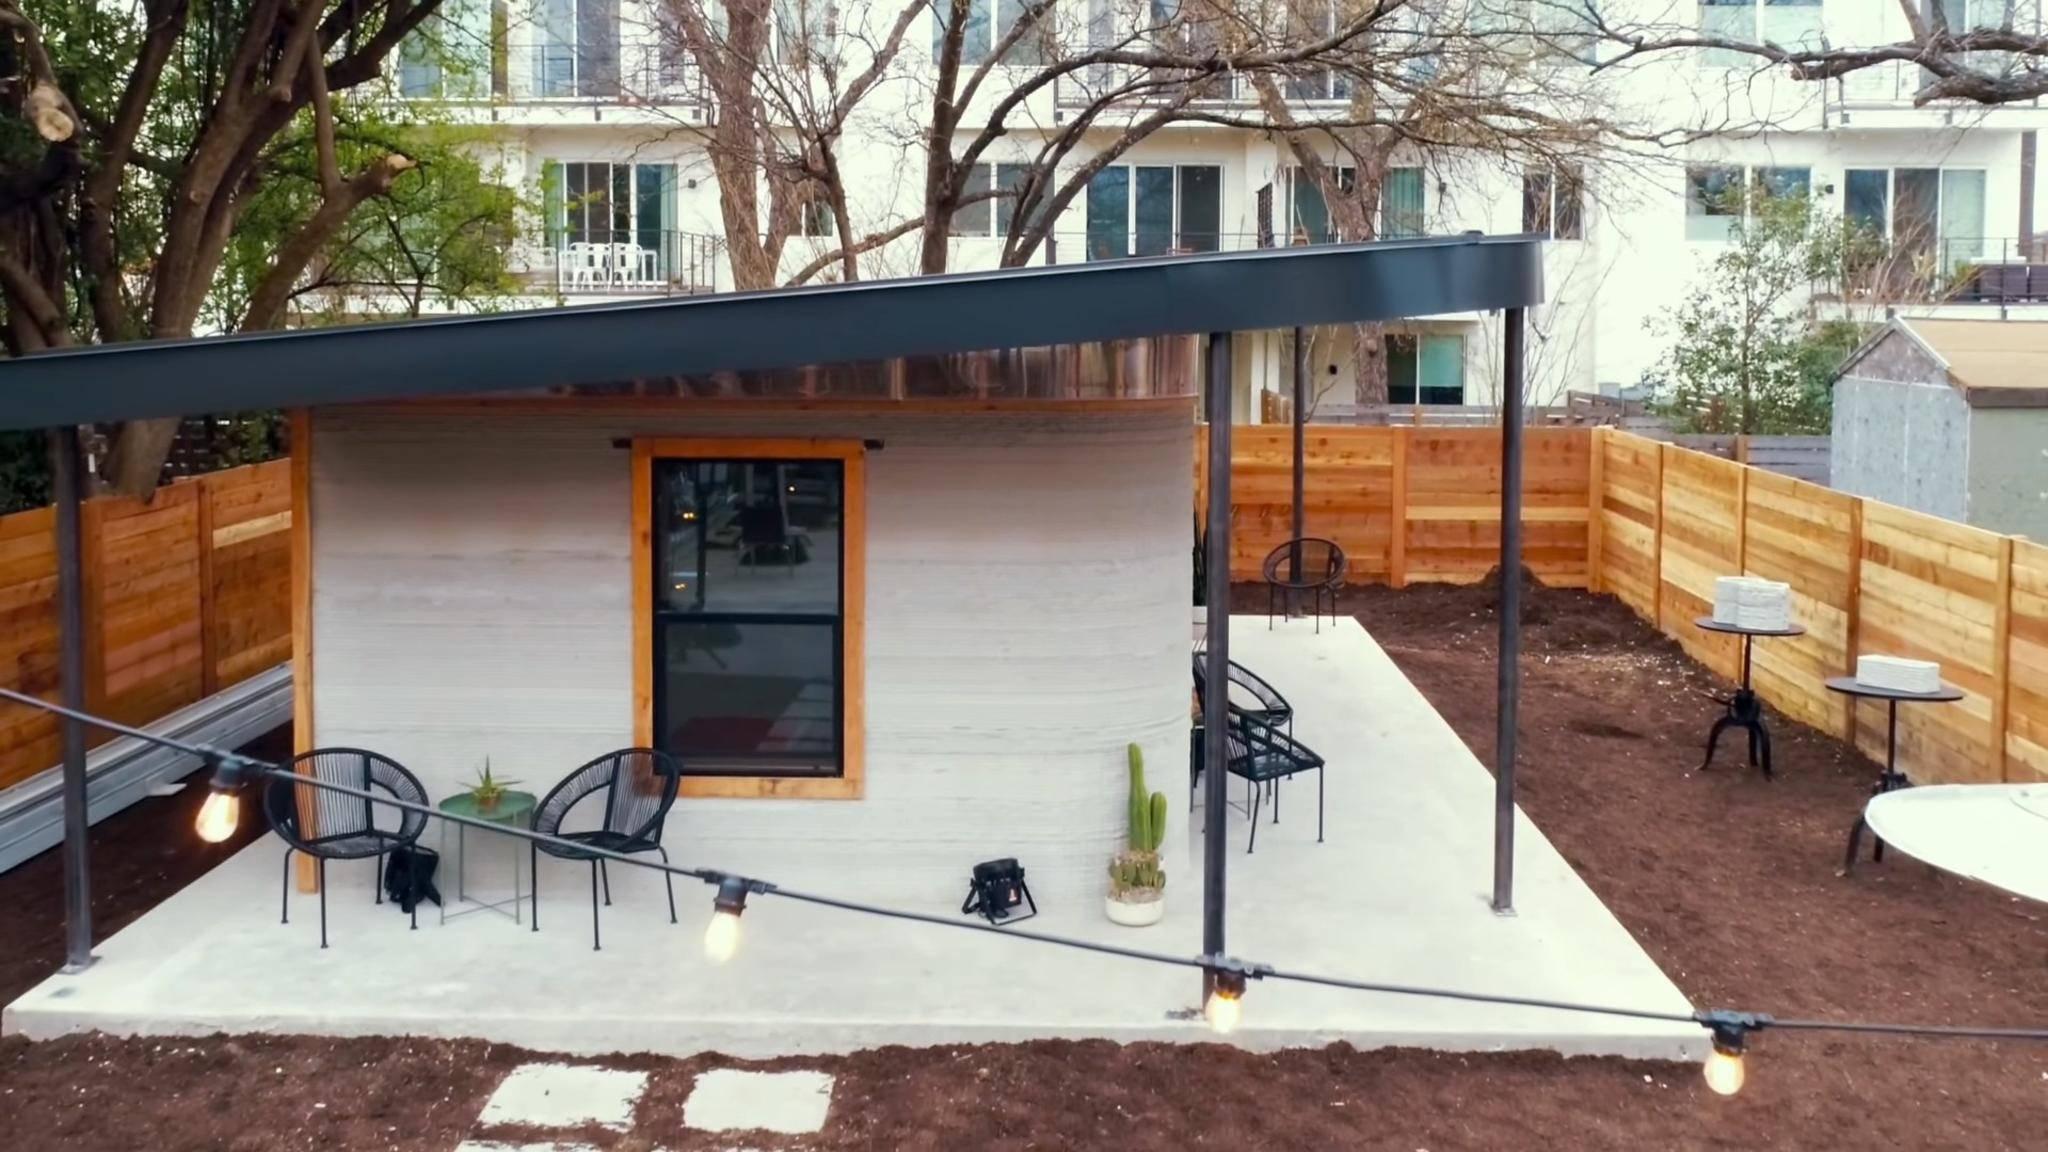 Dieses von einem 3D Drucker konstruierte Haus steht in Austin, Texas.